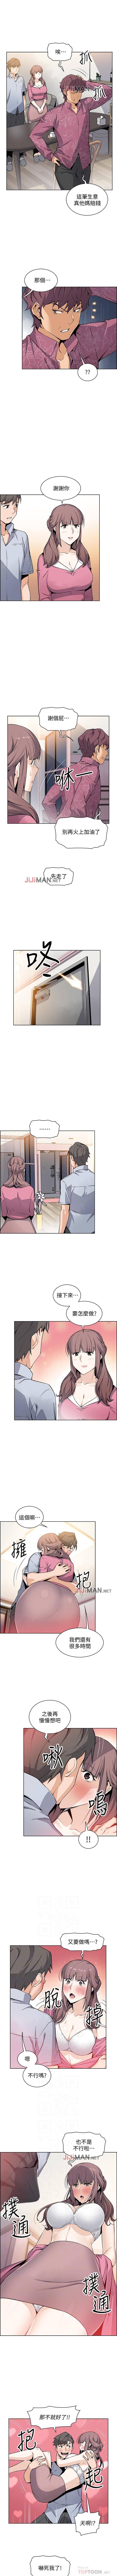 【周四连载】前女友变女佣(作者:PAPER&頸枕) 第1~33话 194